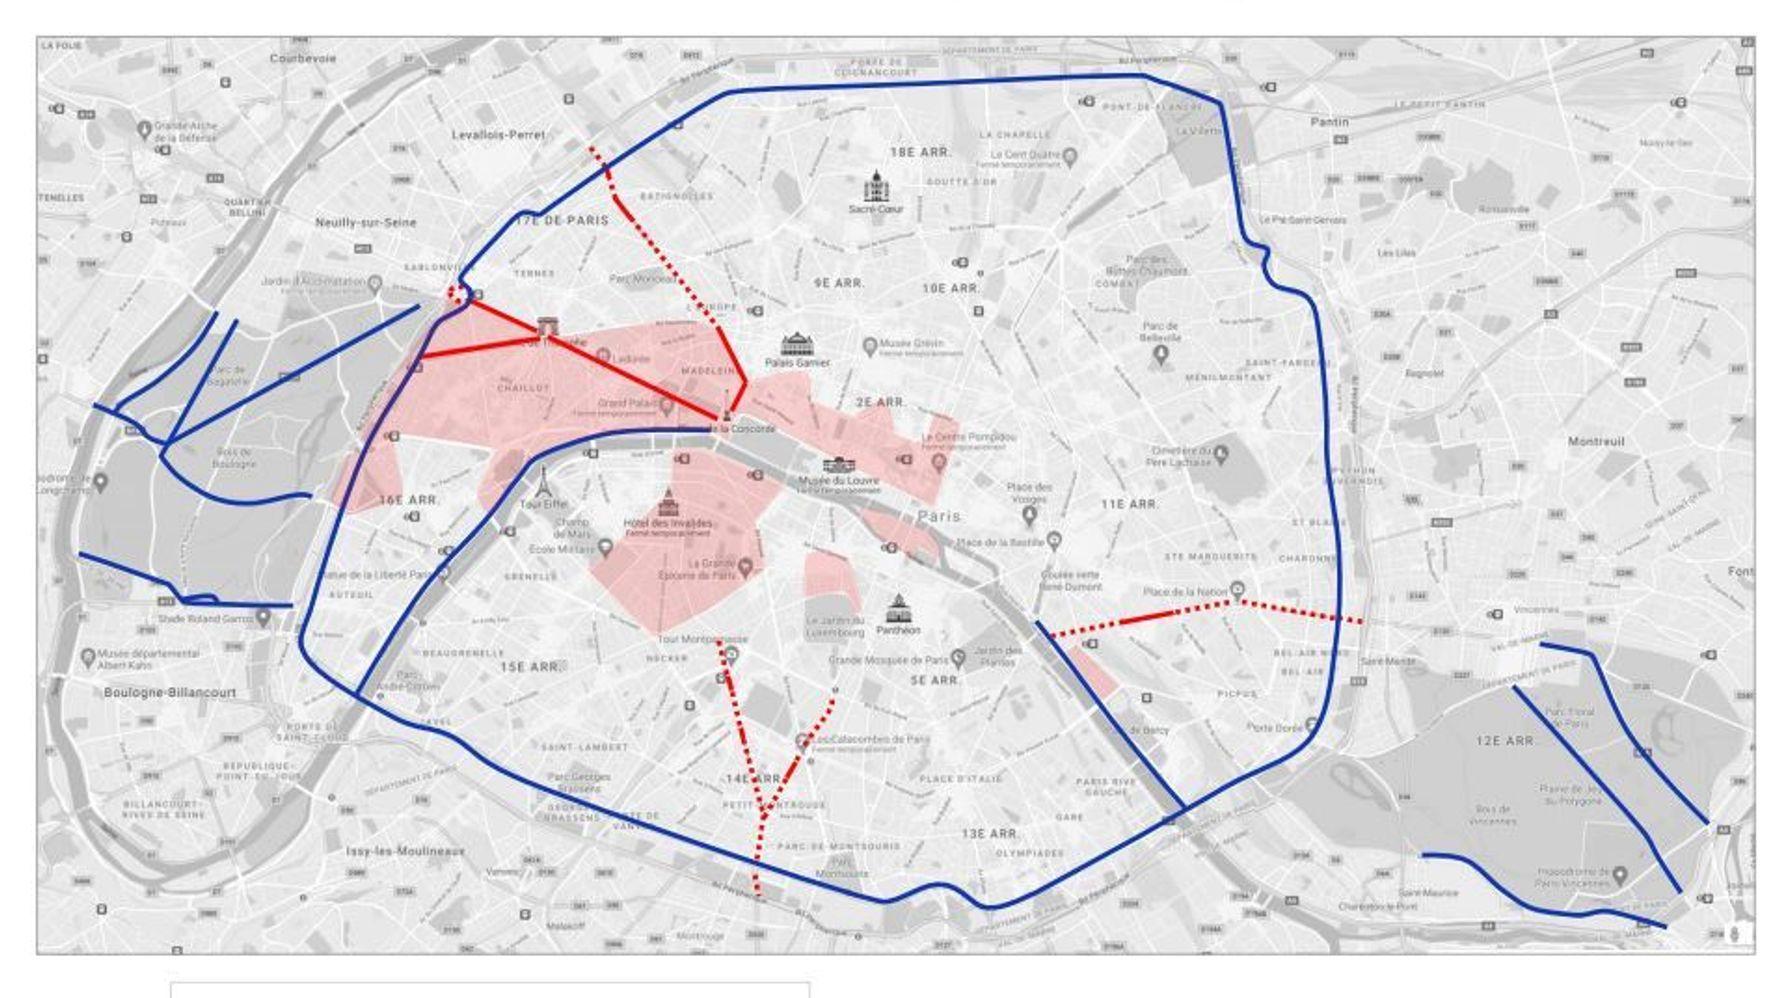 Paris passe à 30 km/h partout à partir du 30 août, sauf quelques axes